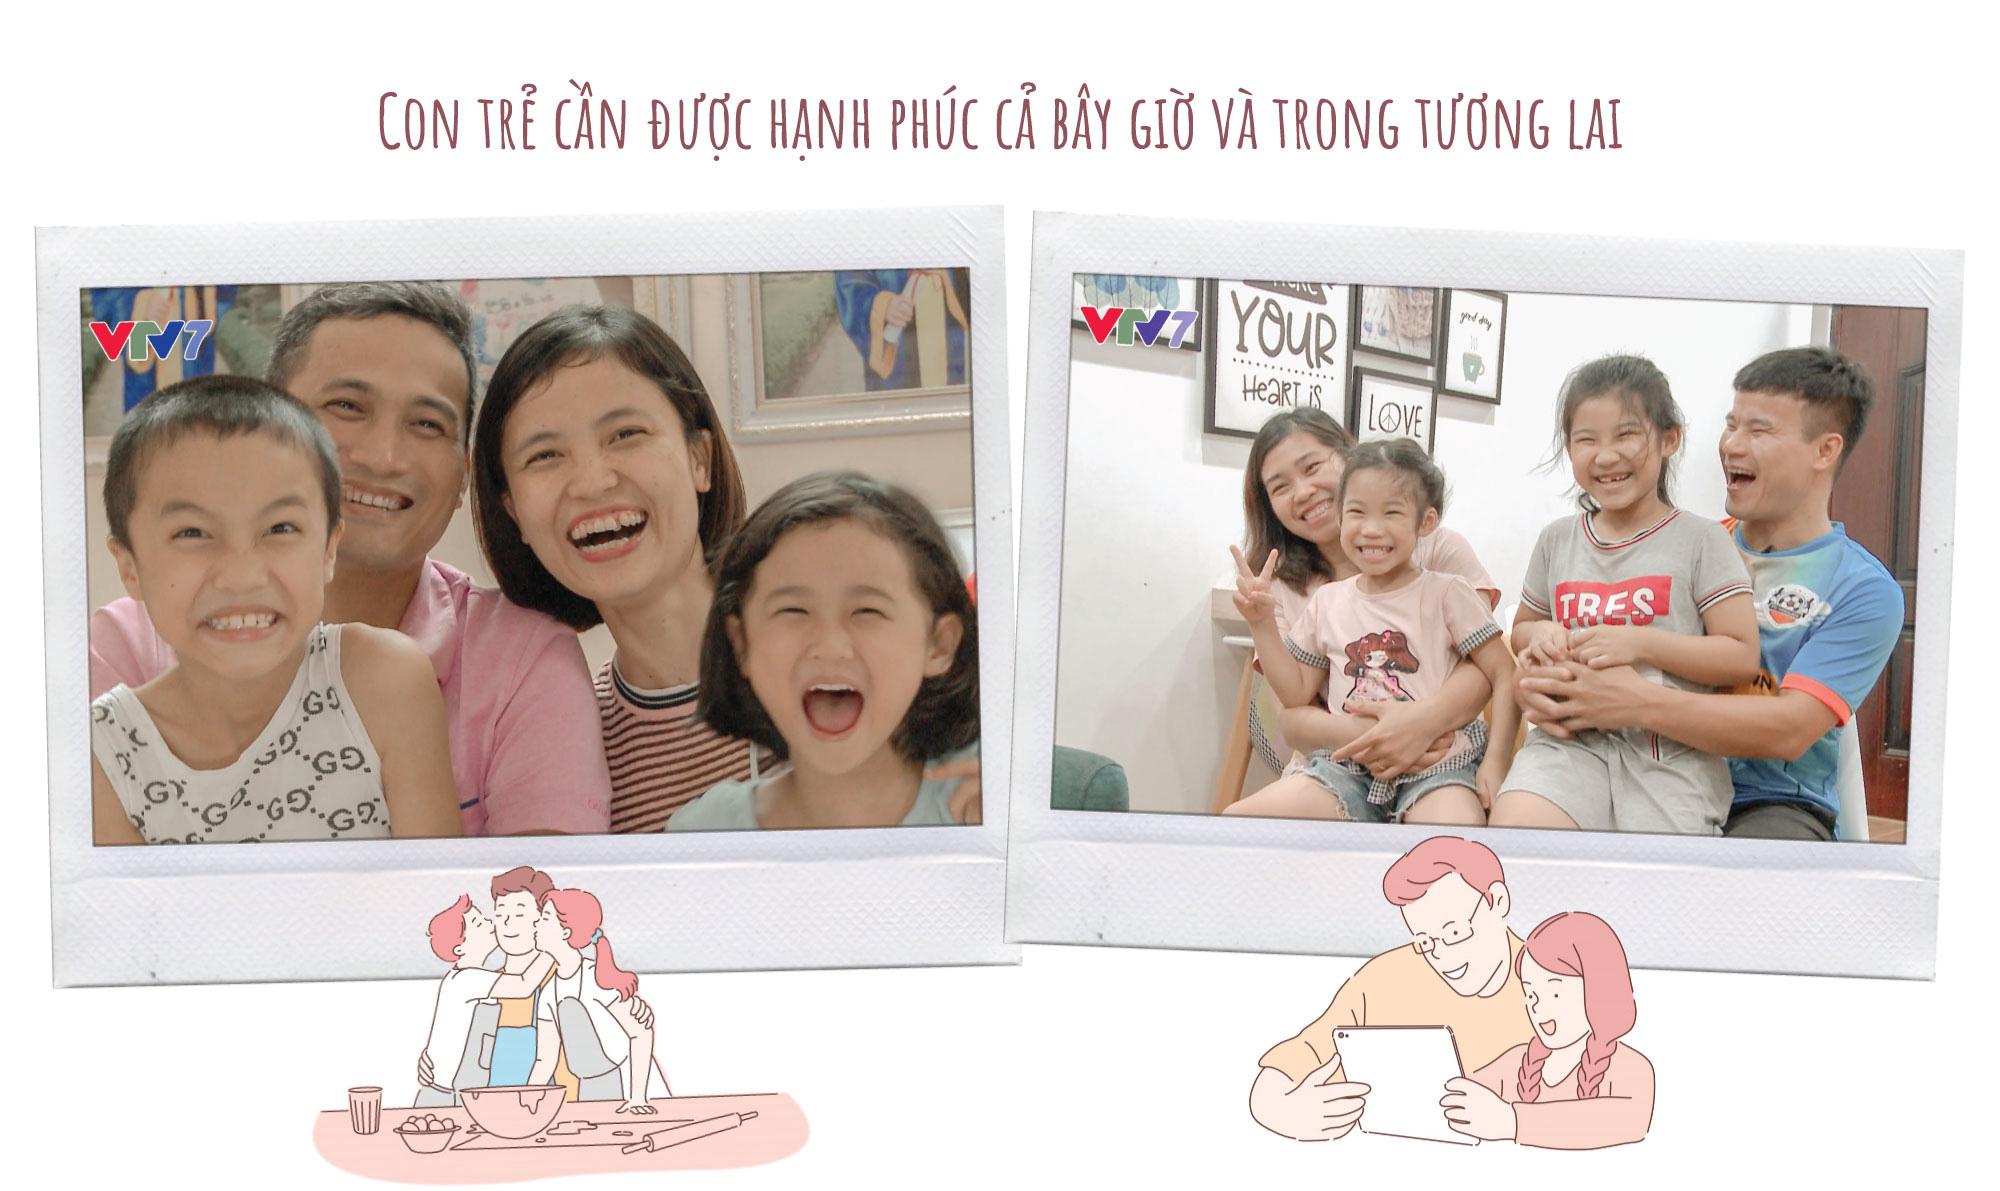 Cha mẹ thay đổi: Hãy để những đứa trẻ được hạnh phúc - Ảnh 15.